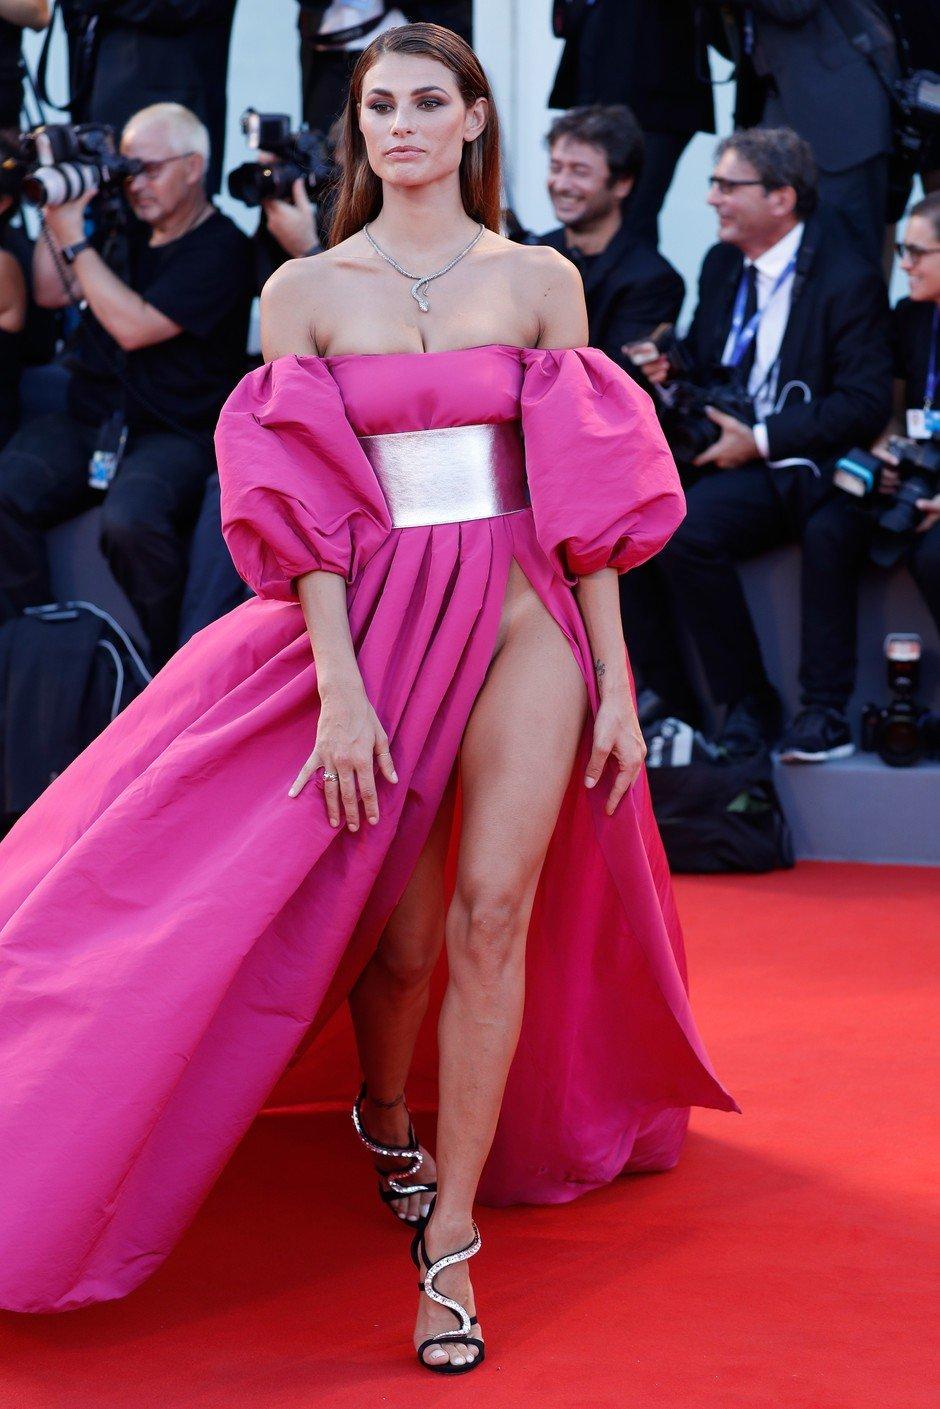 Смотреть фото популярные звезды в прозрачных юбках без трусов